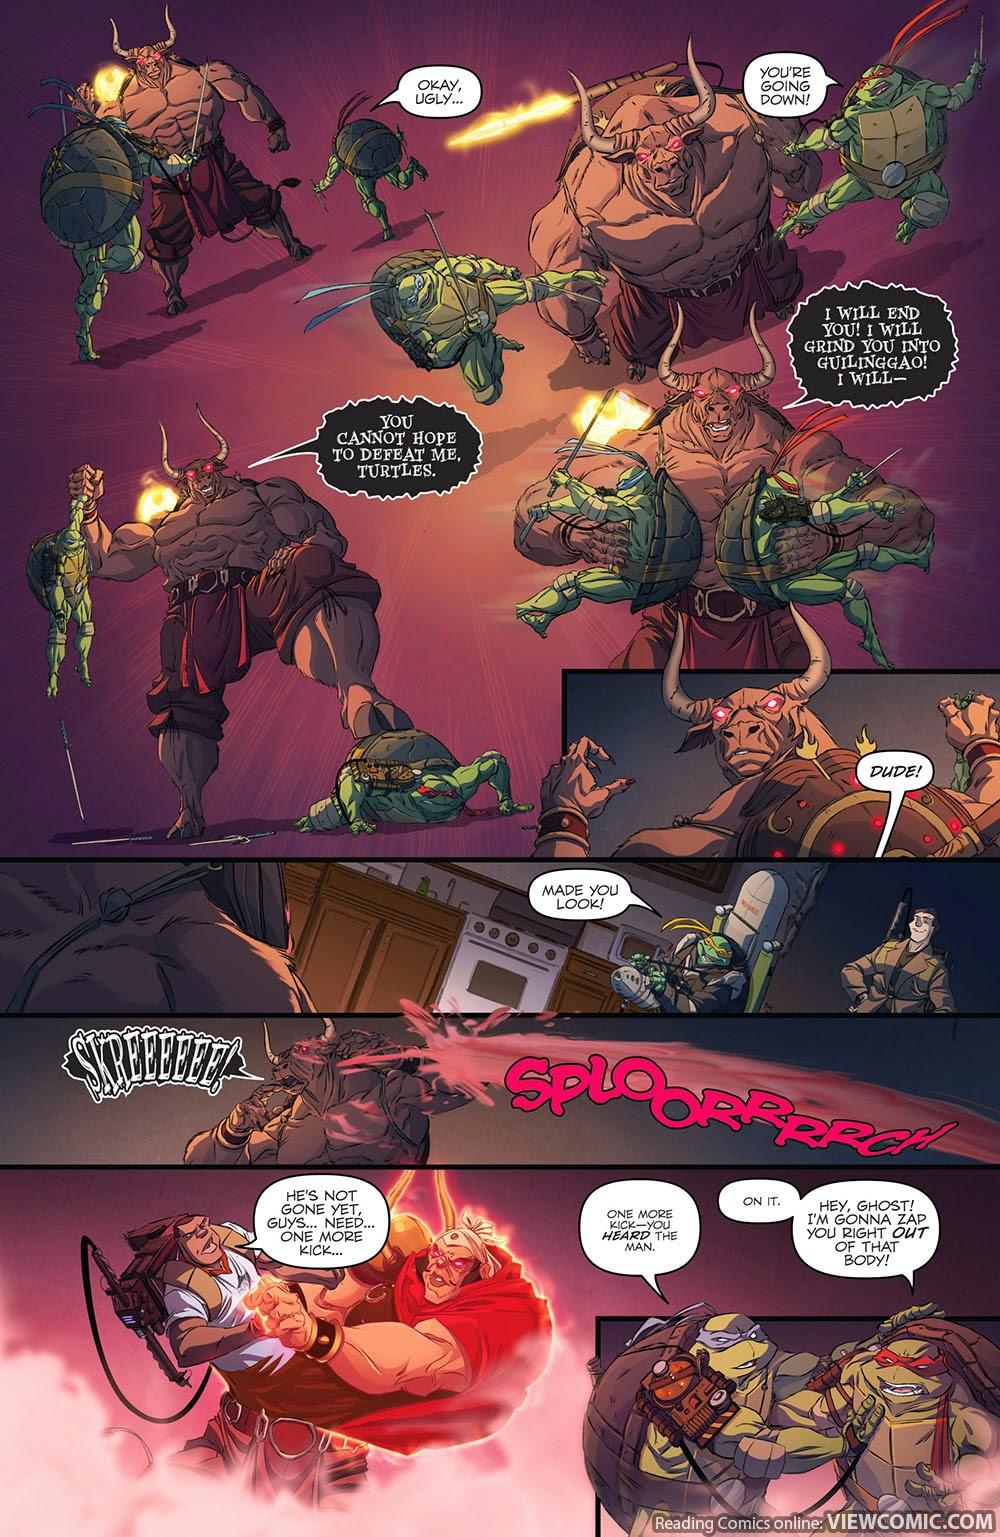 teenage mutant ninja turtles u2013 ghostbusters 004 2015 viewcomic